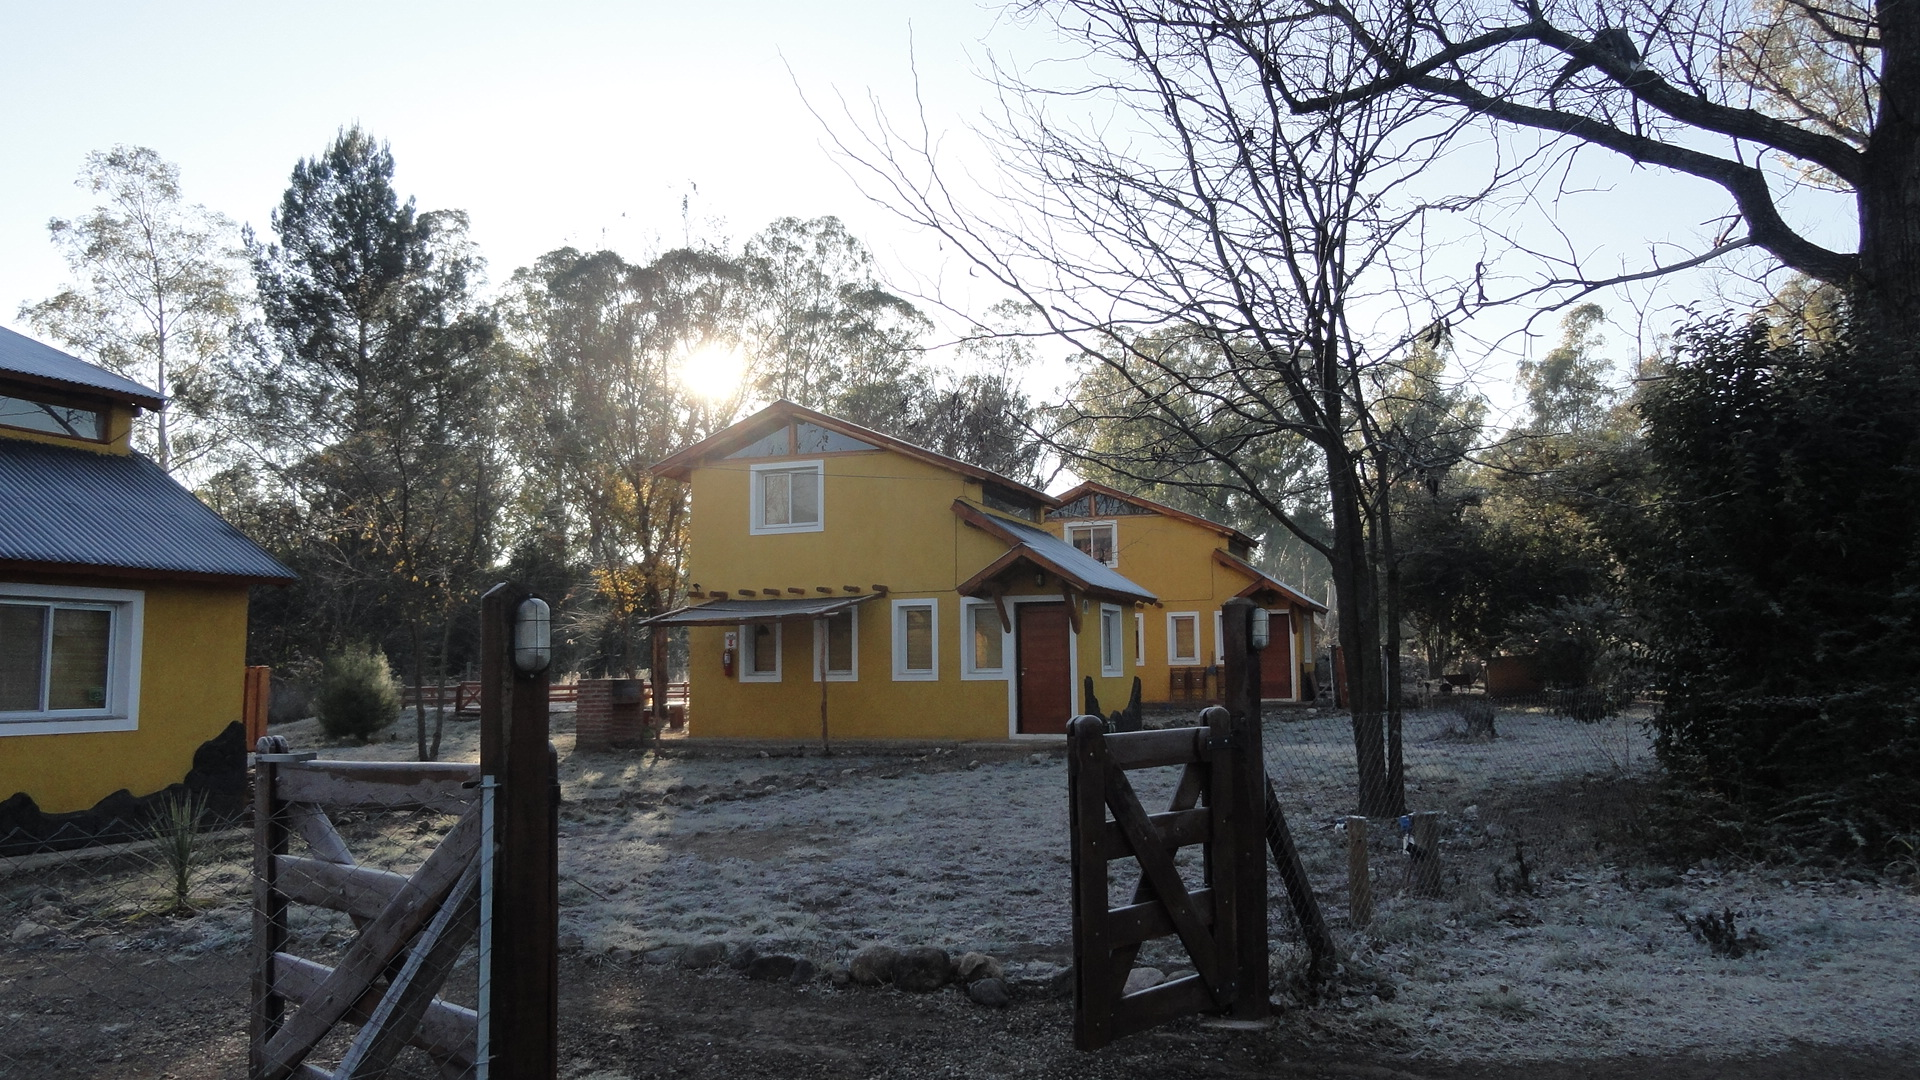 Rancho Pampa - ¡Visitá nuestras cabañas en invierno!